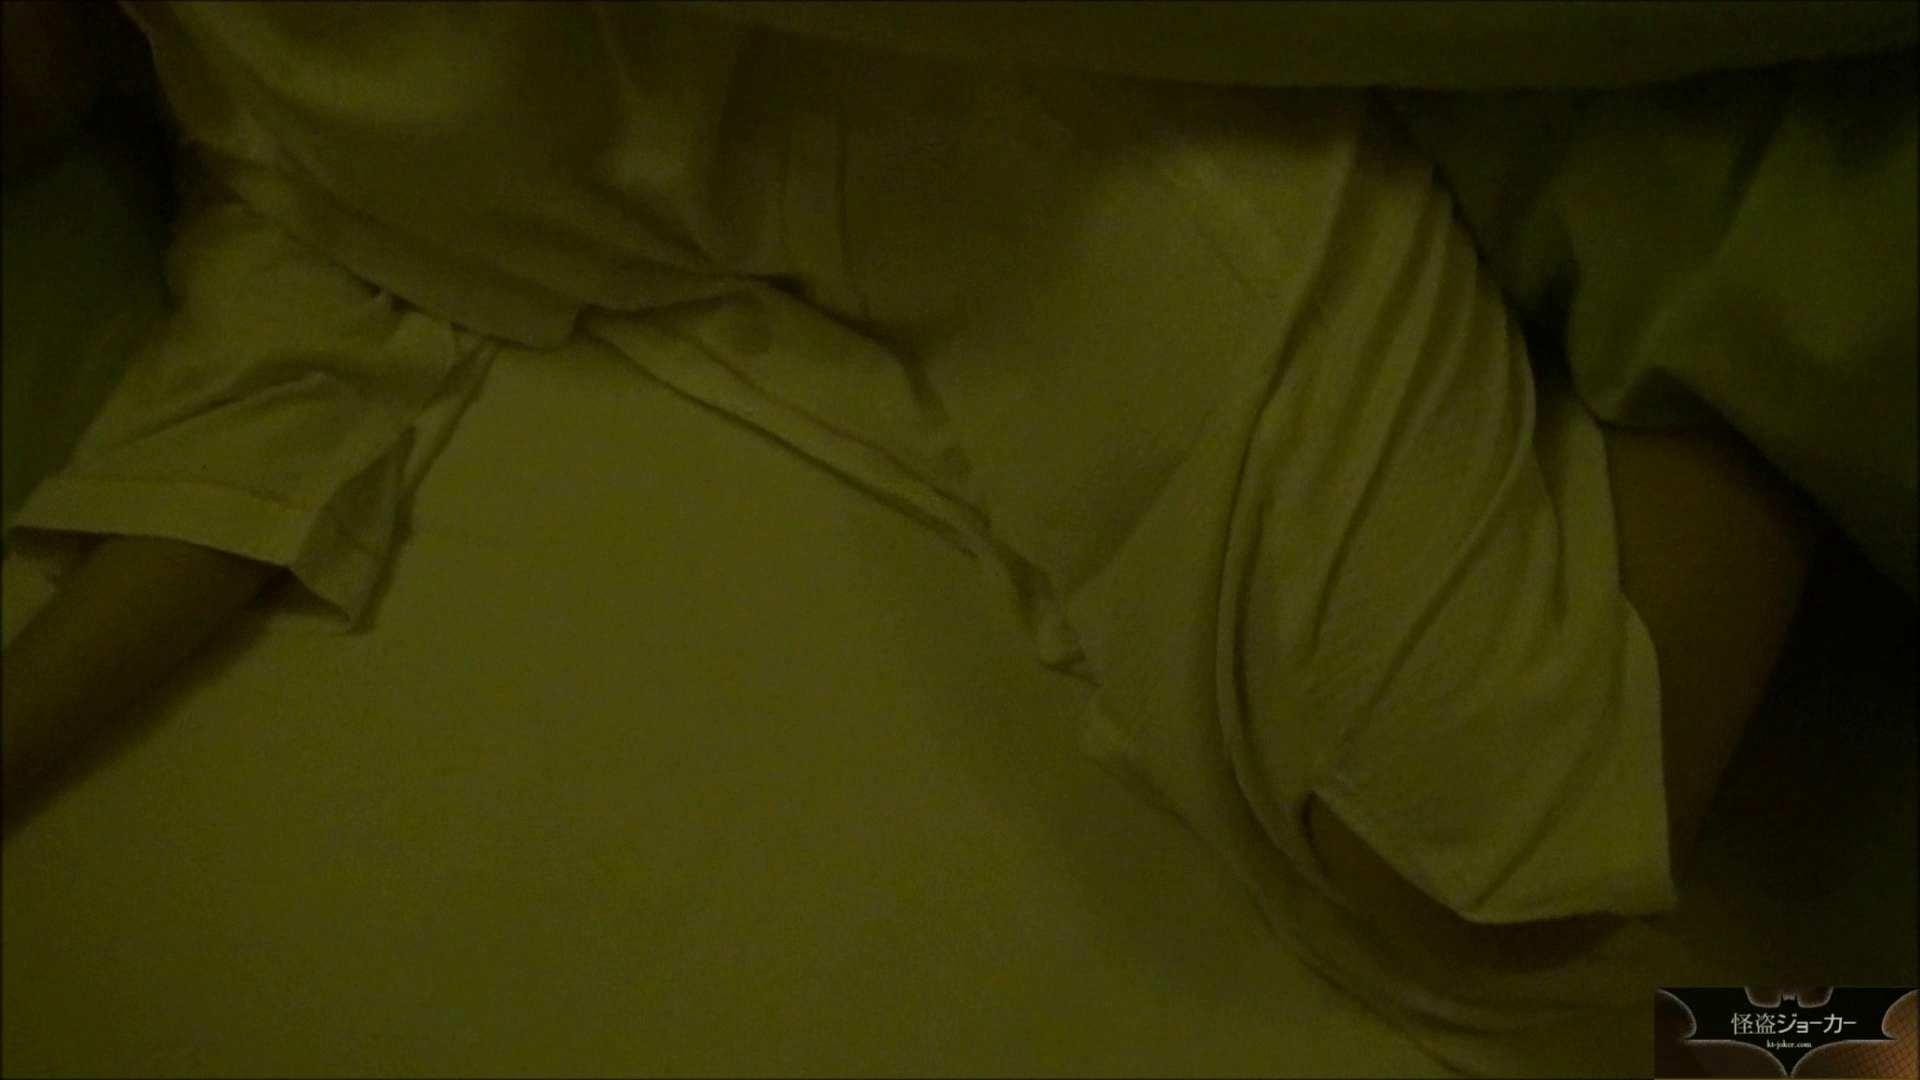 【未公開】vol.24 もしかして・・・葵から漏れる吐息・・・ ホテル | エッチなOL  107枚 3